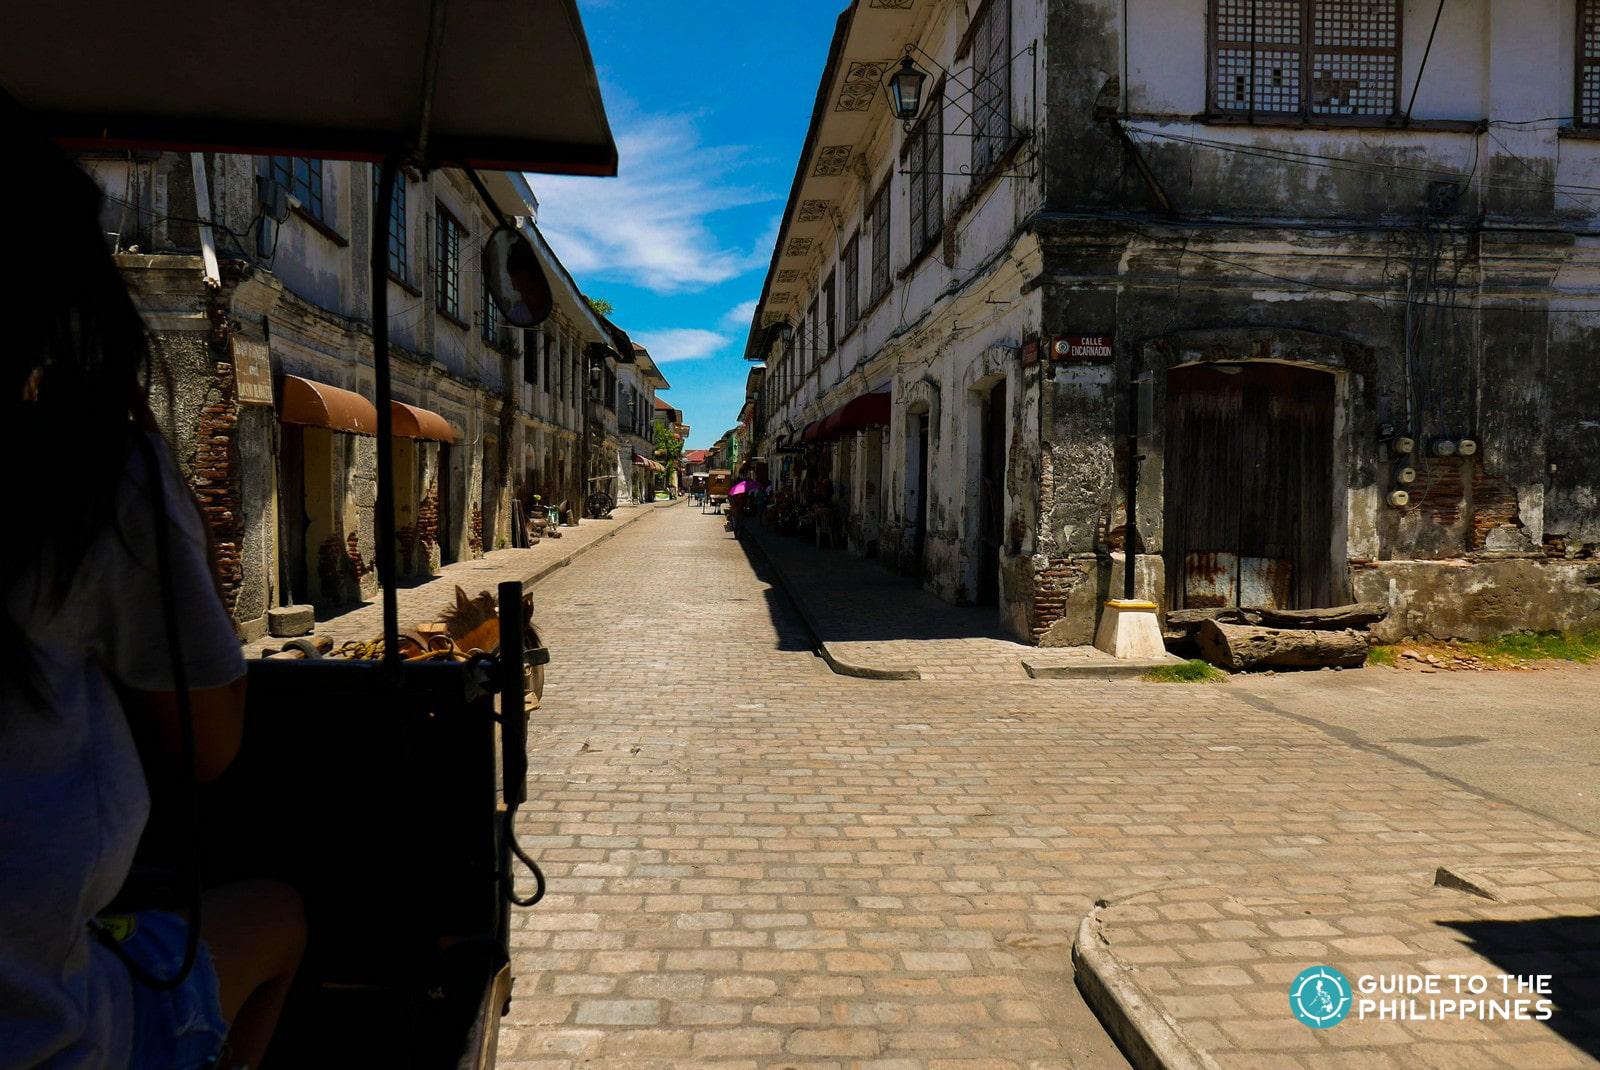 A kalesa while exploring Calle Crisologo in Vigan